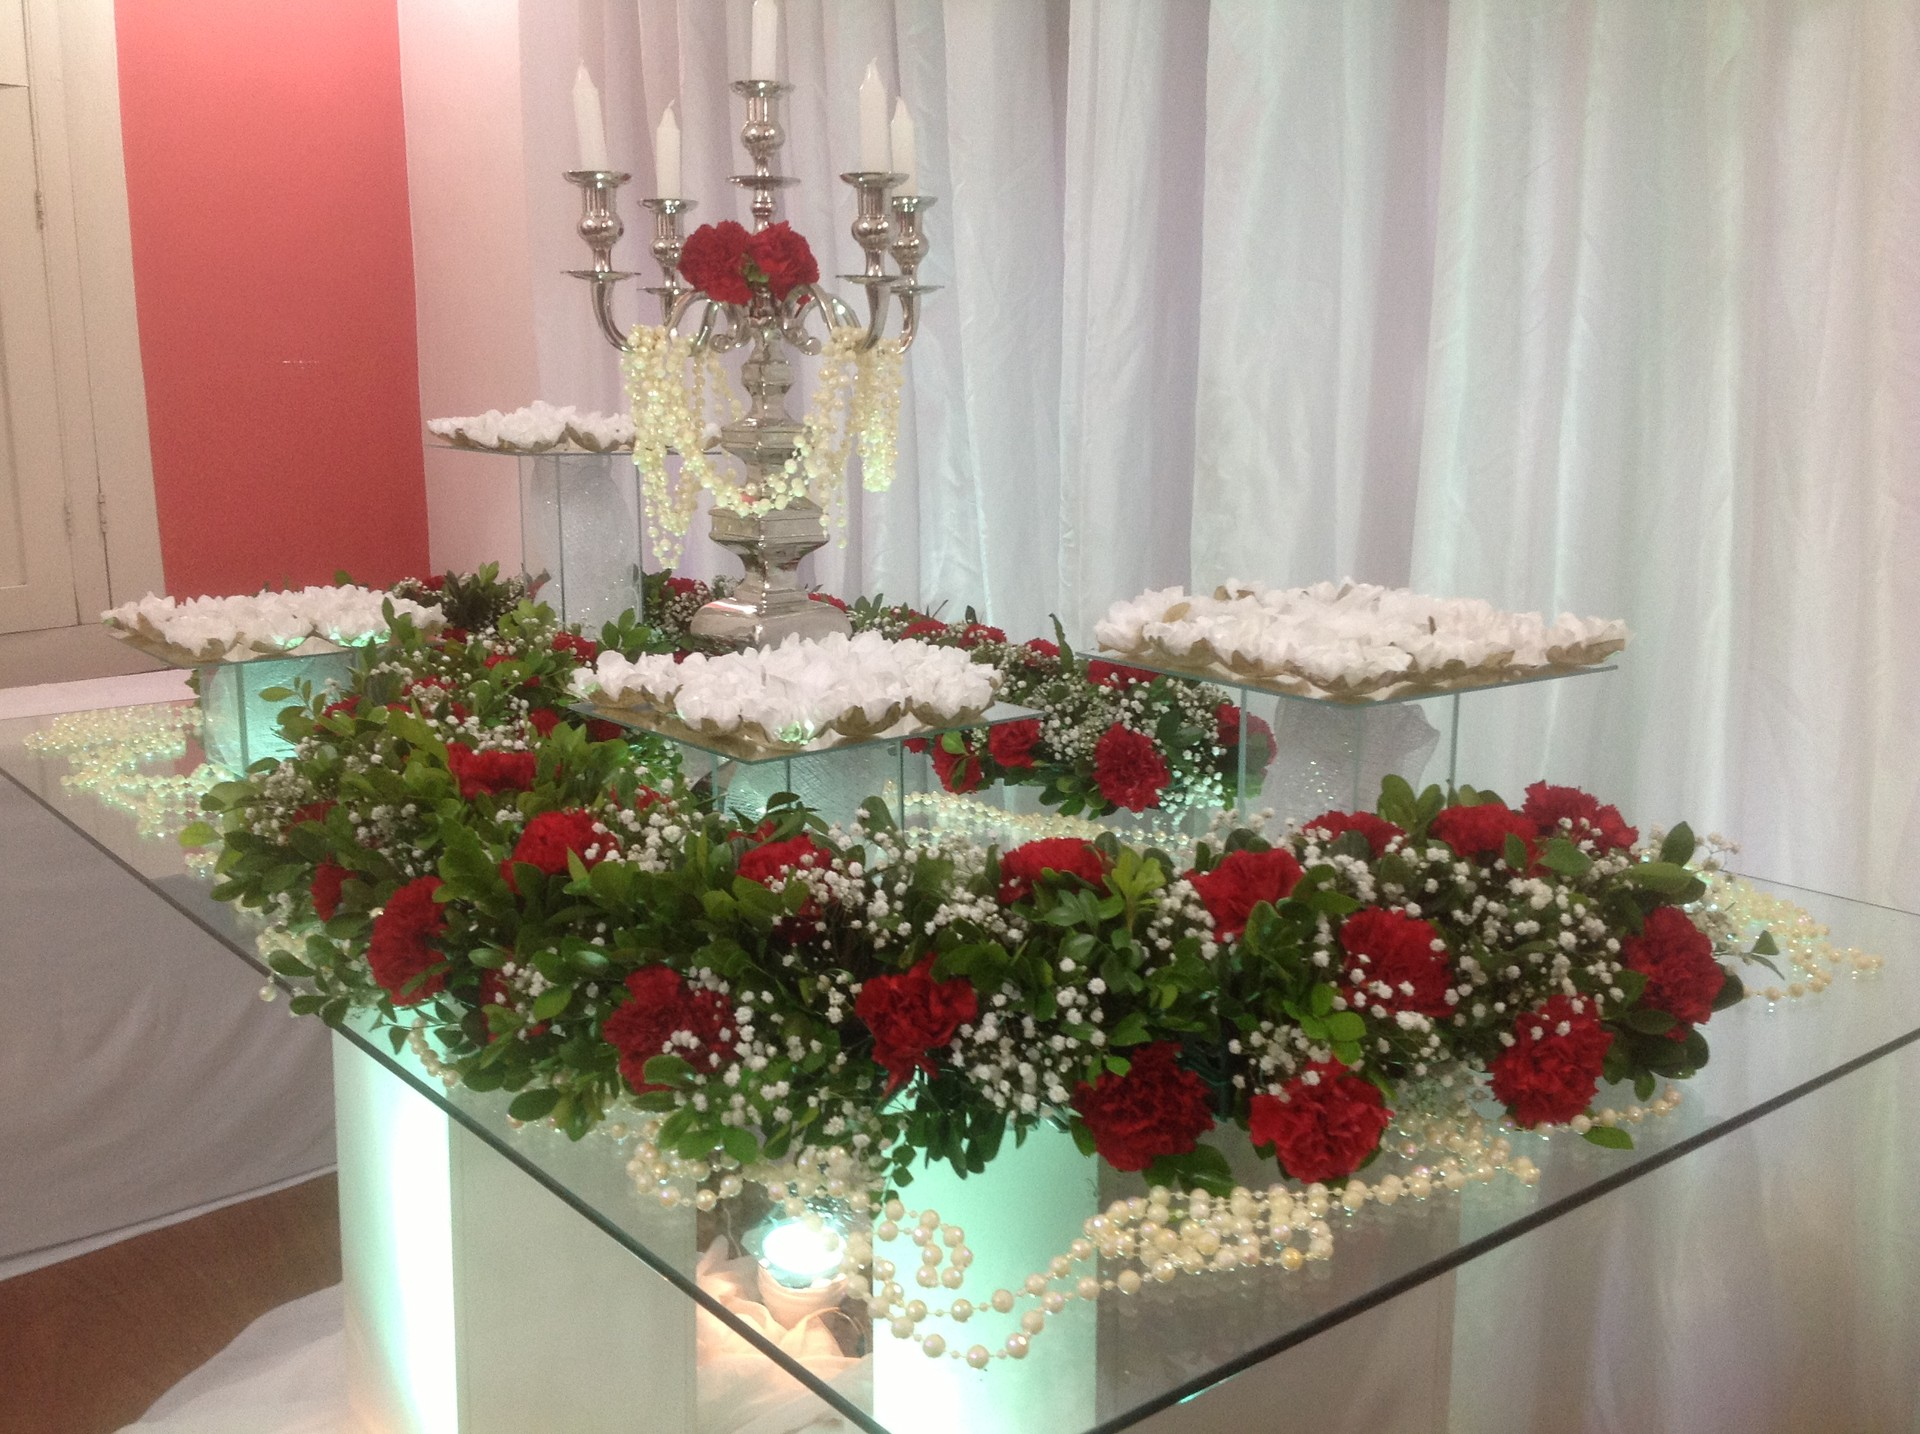 mesa decorada com flores (Foto: Léo Mendes e Tânia Santos)